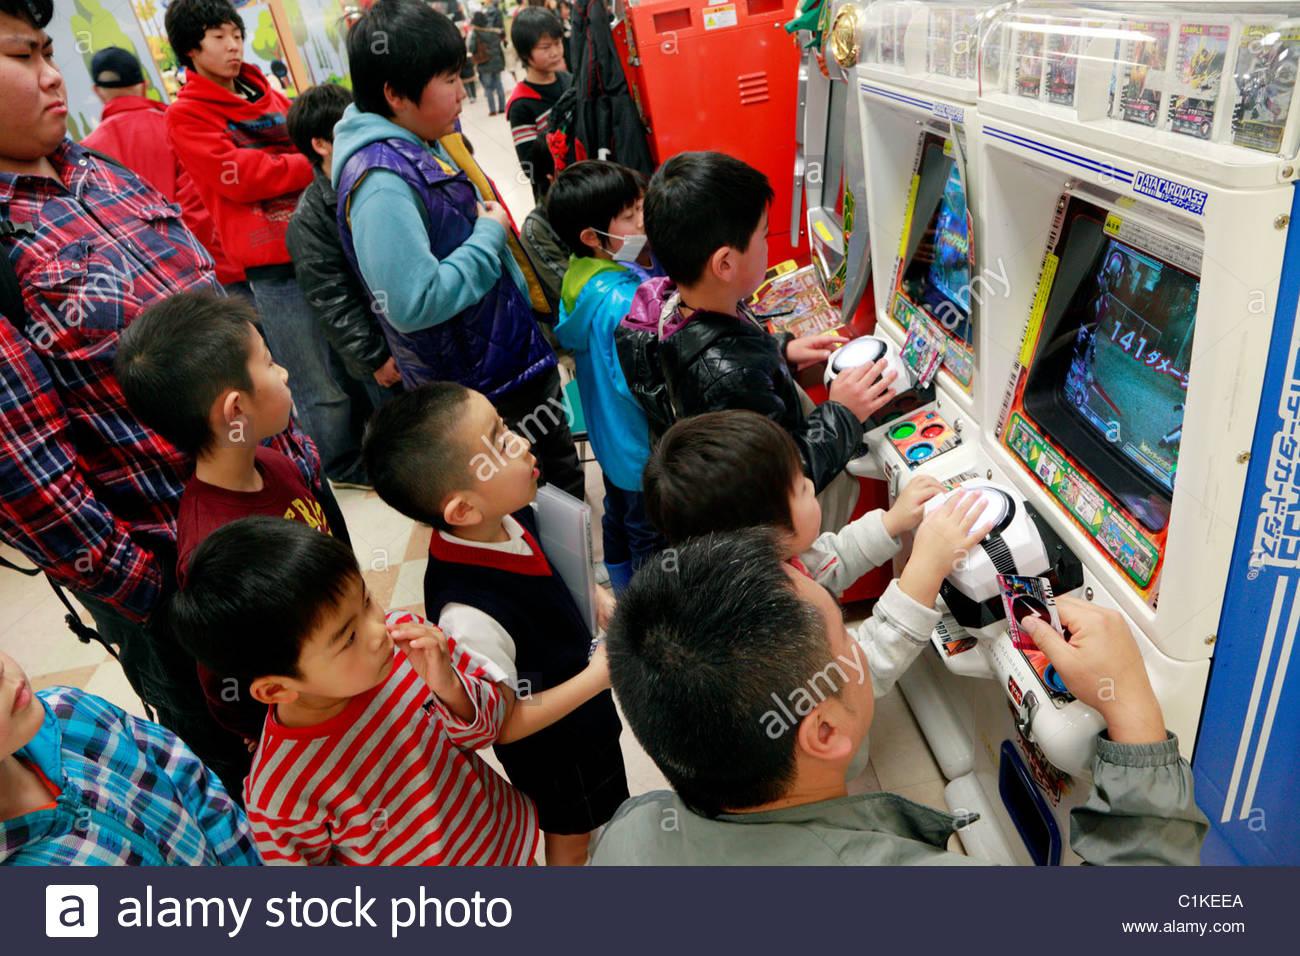 Los Ninos Japoneses En La Seccion De Juegos De Ordenador En Una